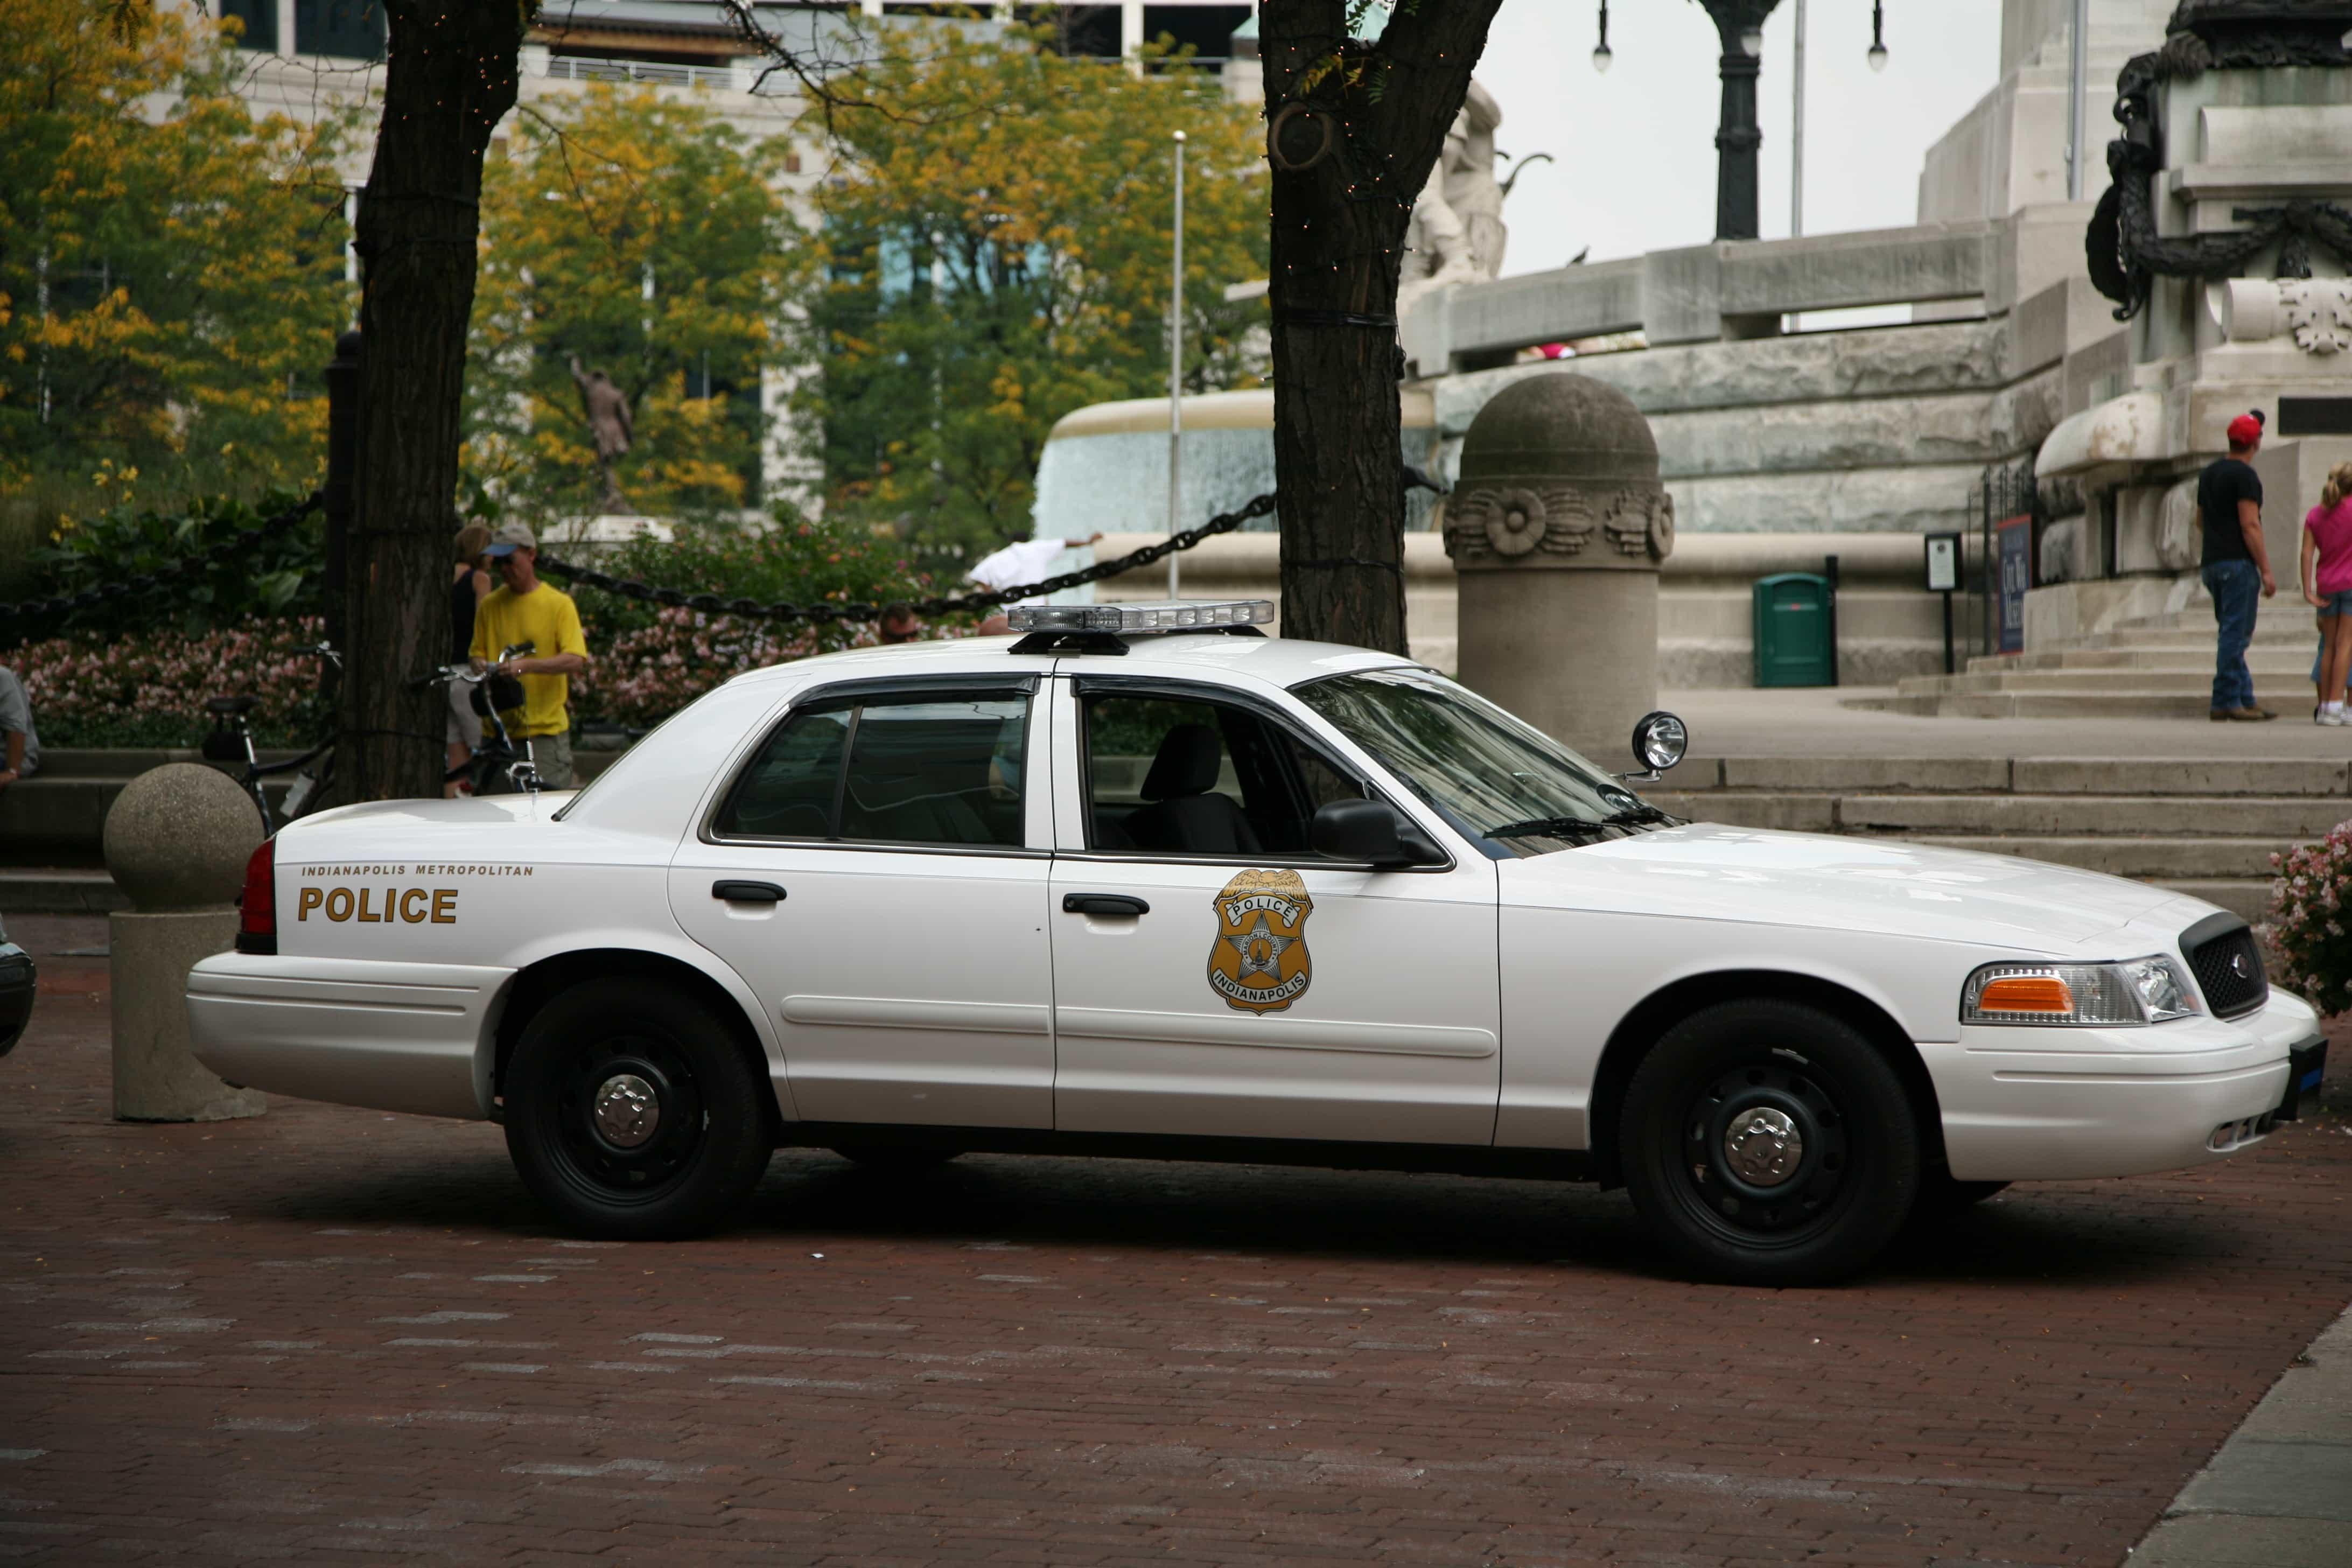 Indianapolis_Metropolitan_police_cruiser_2